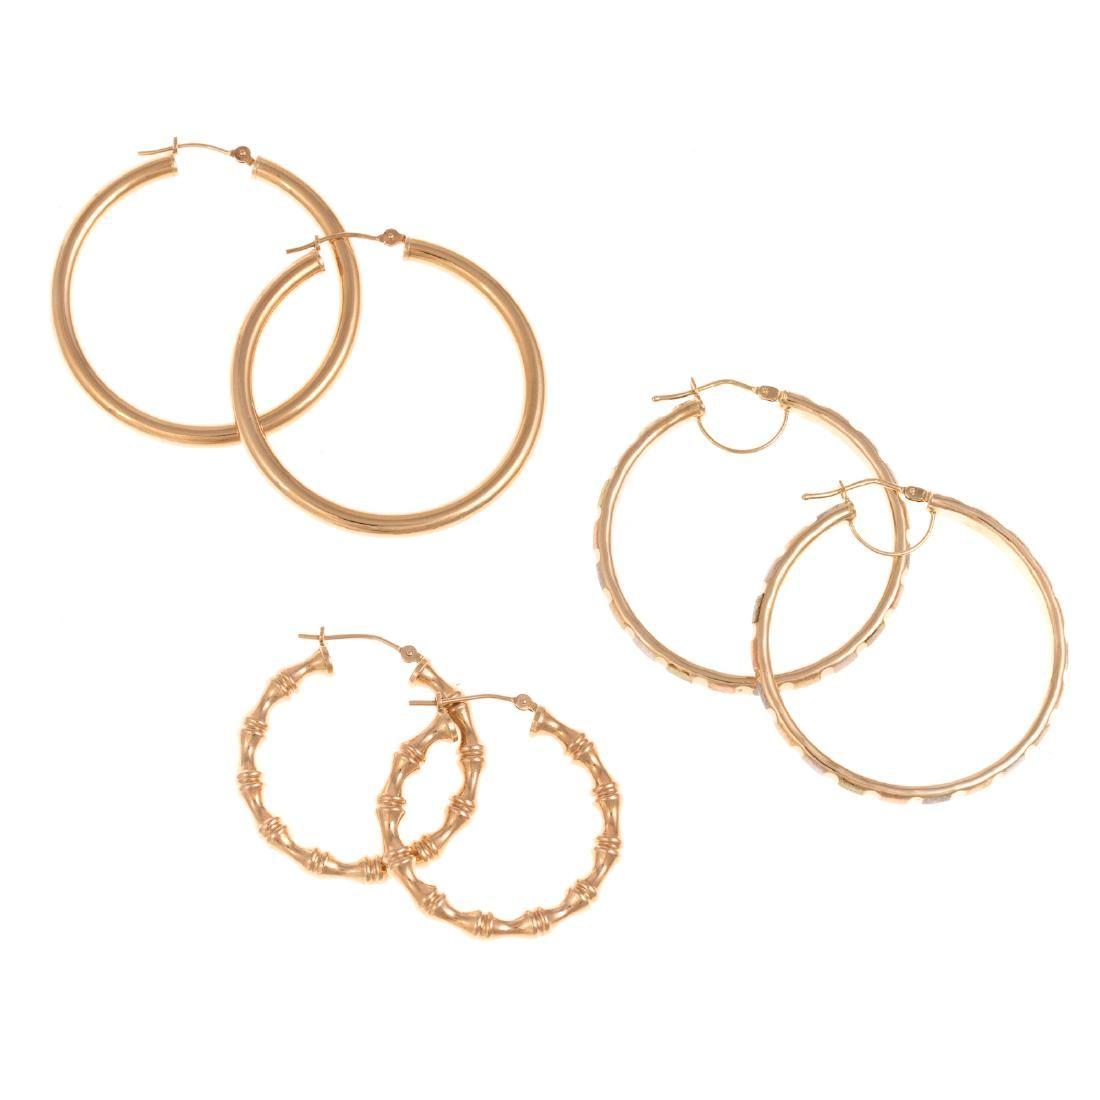 A Trio of Ladies 14K Gold Hoop Earrings